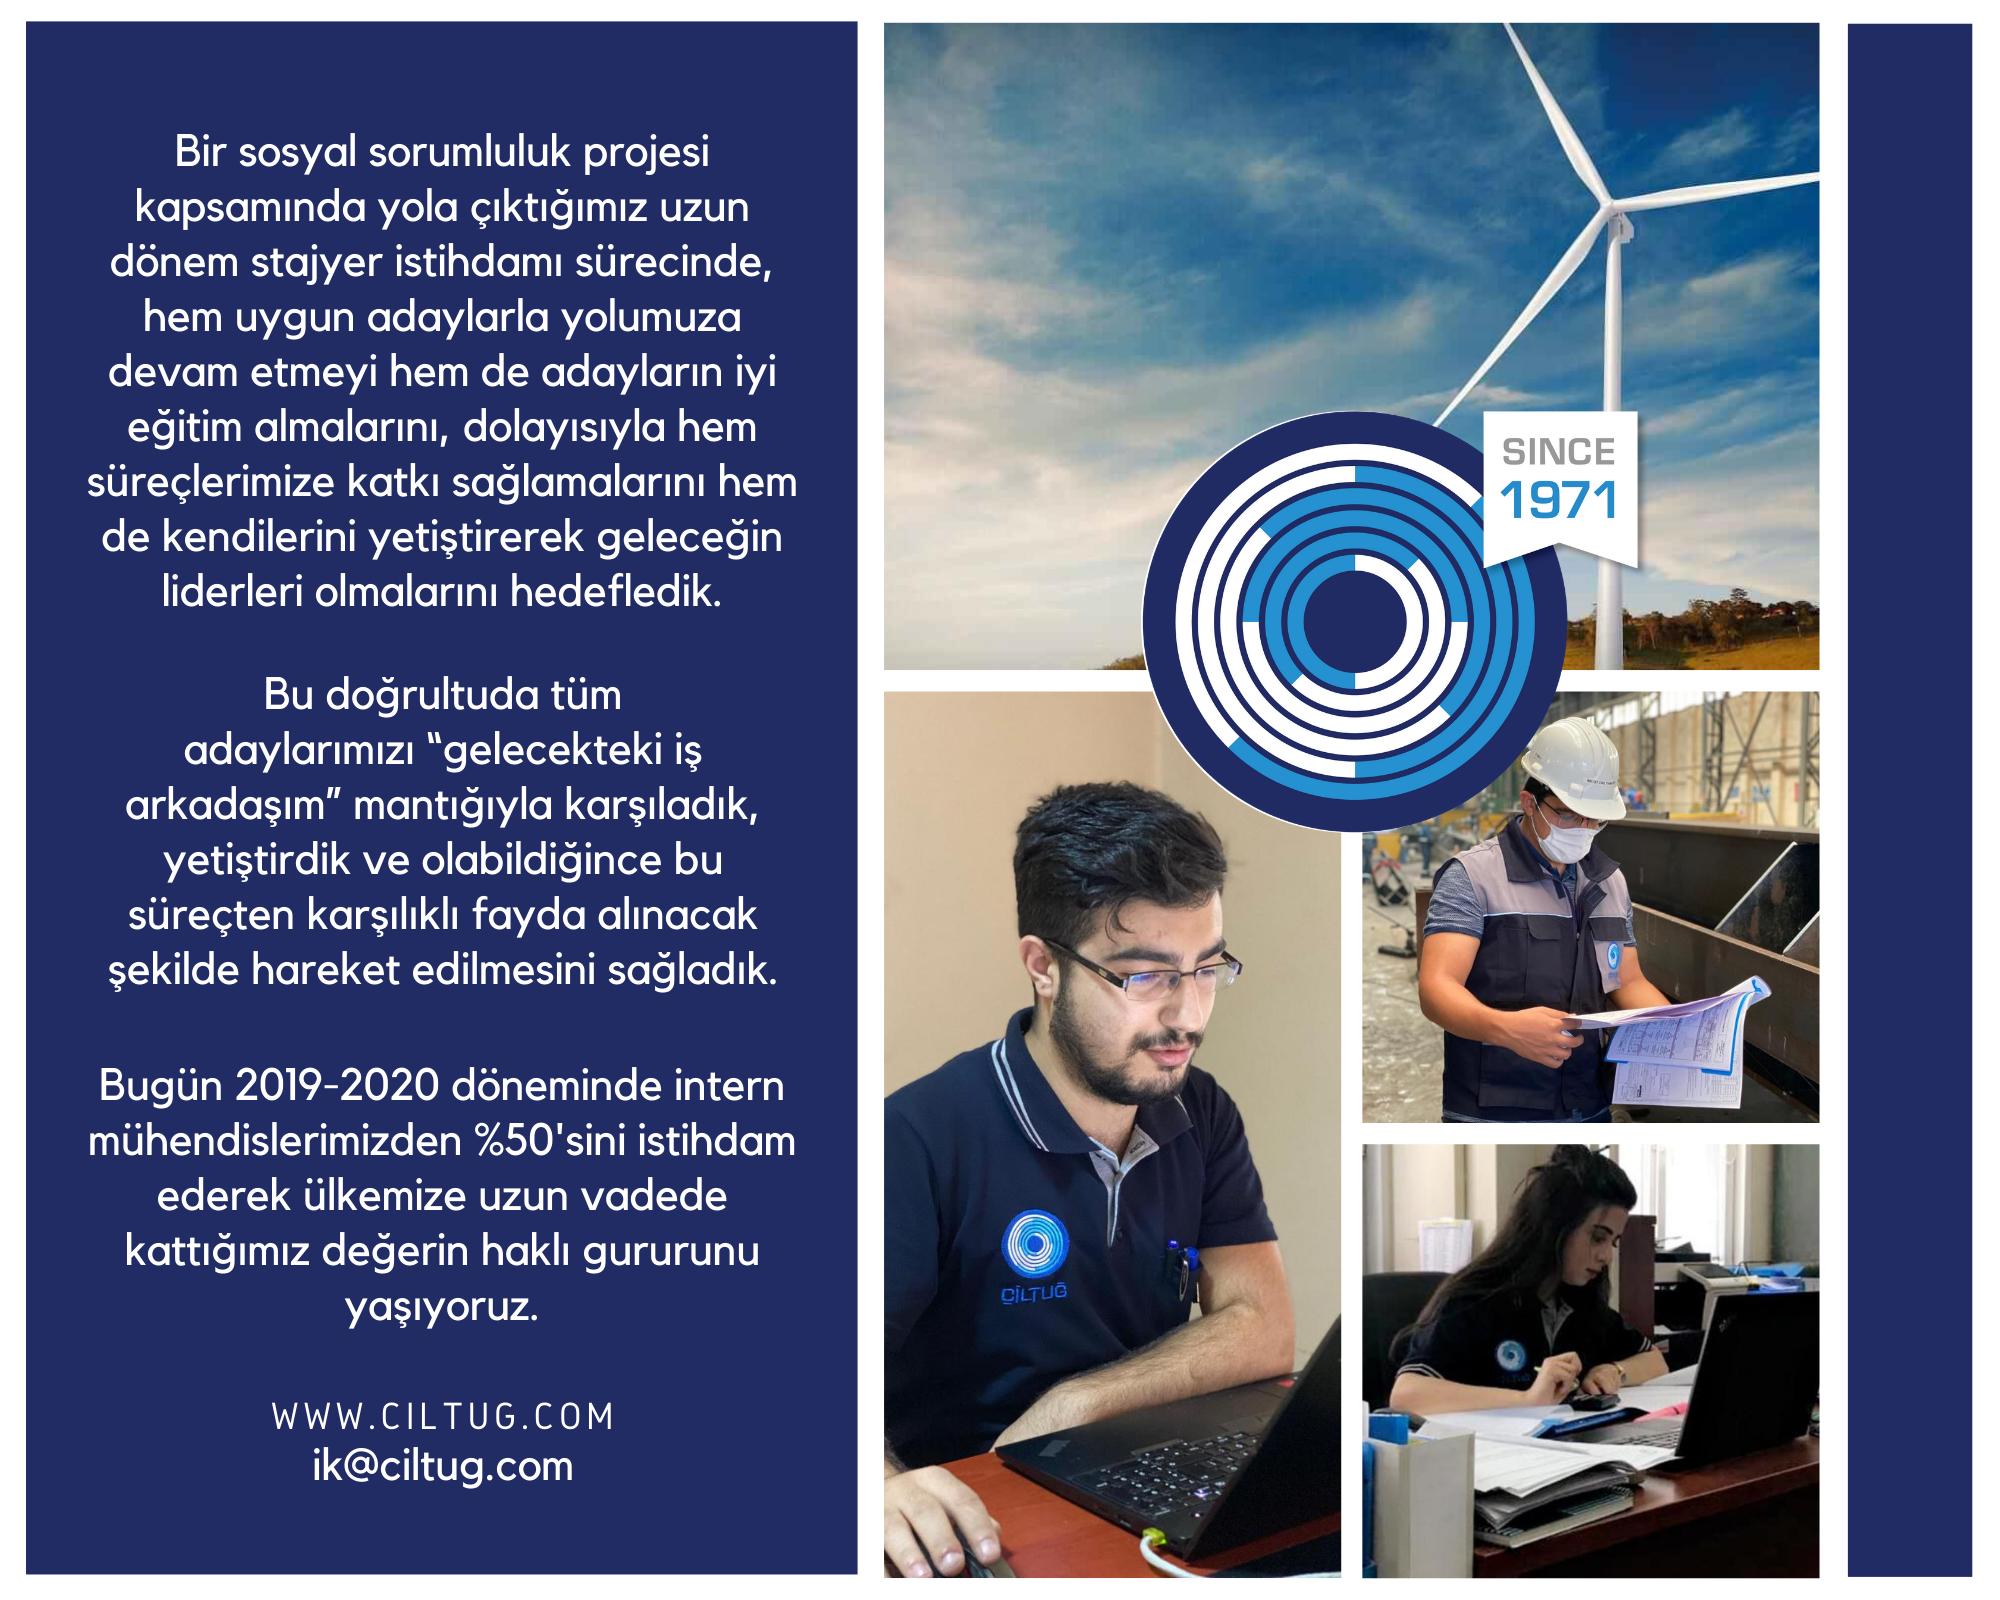 2019-2020 Döneminde İntern Mühendis İstihdamı